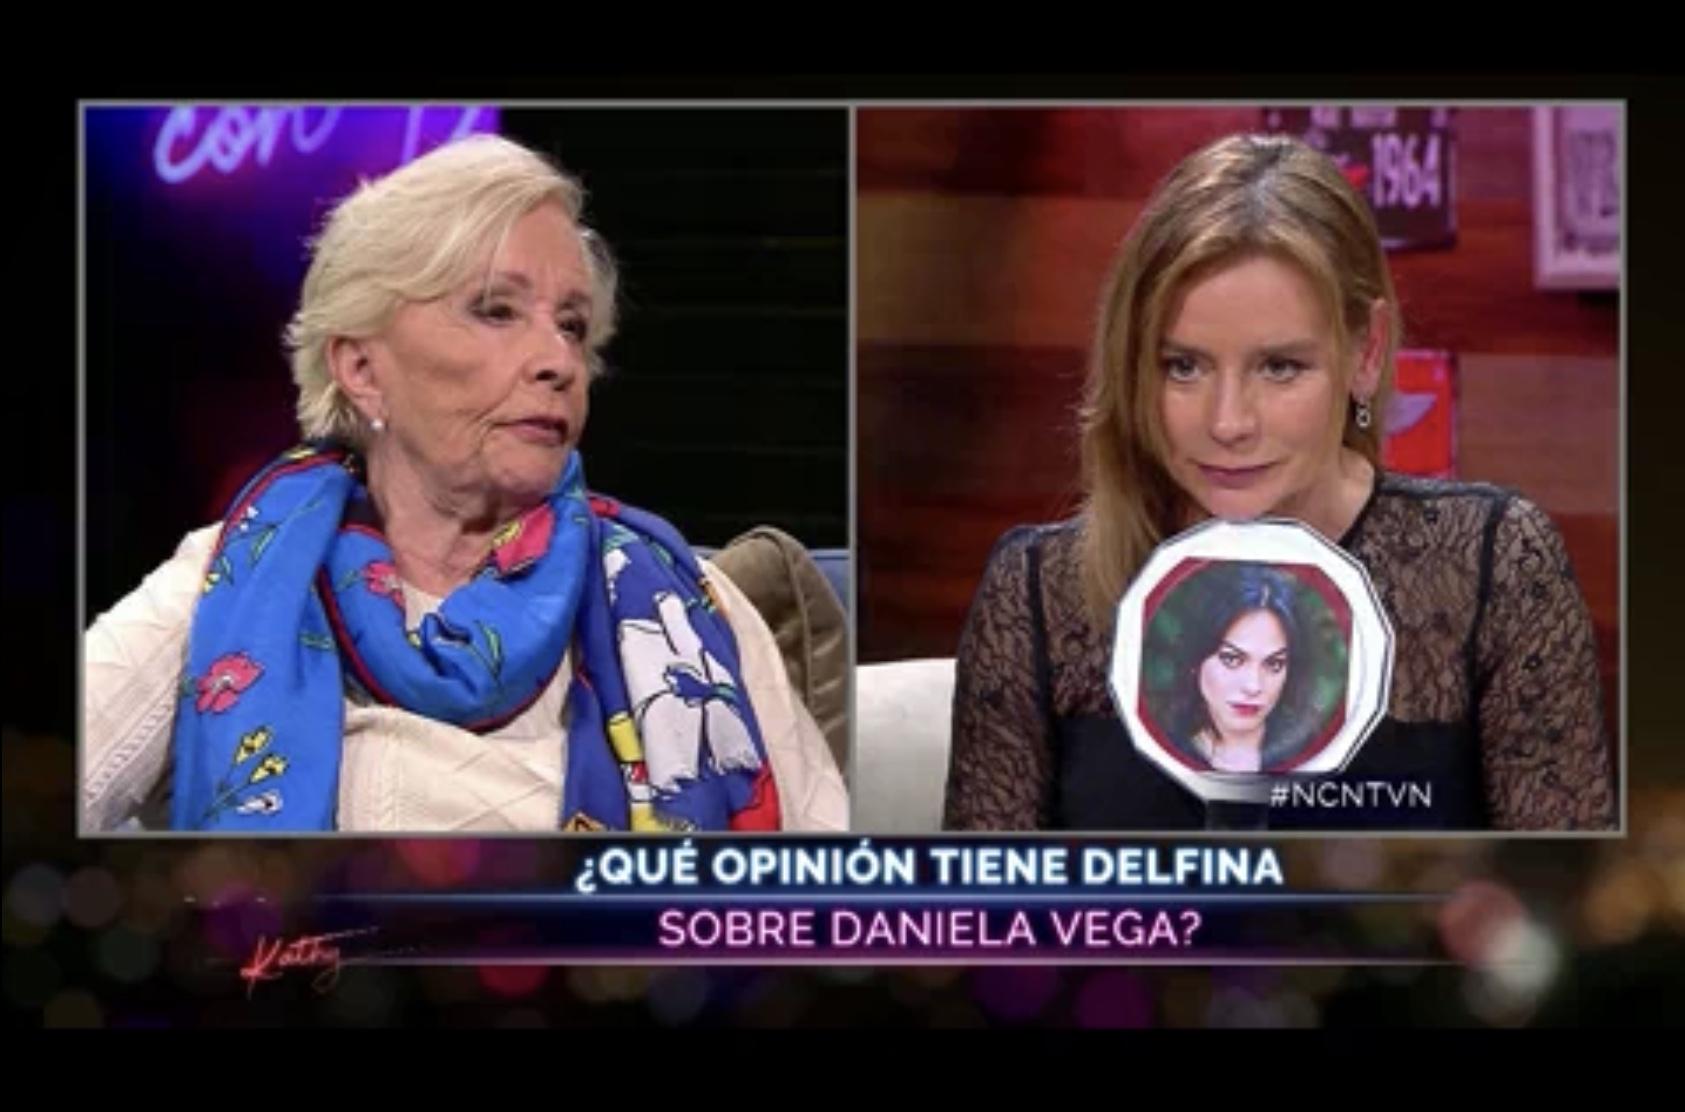 """""""Delfina Guzmán: Daniela Vega """"es mala actriz"""" y Patricia Maldonado es inteligente"""